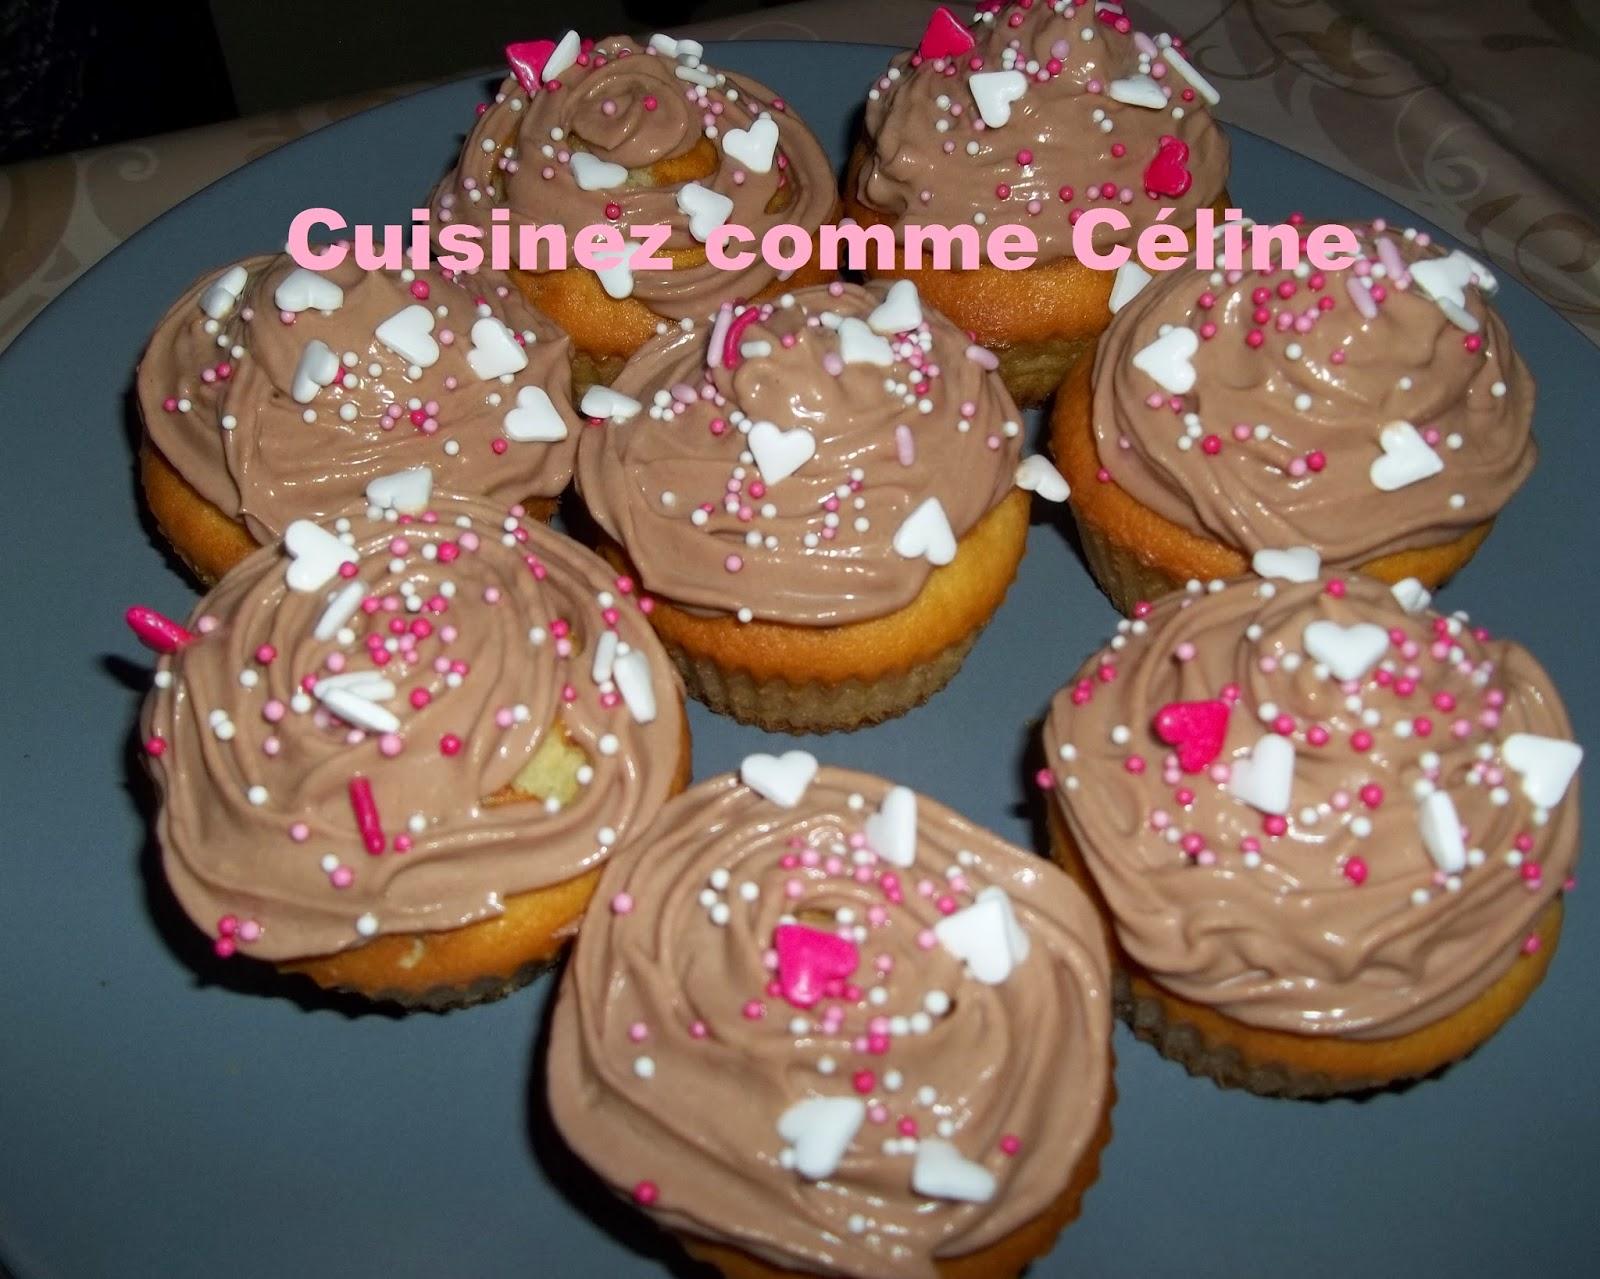 http://cuisinezcommeceline.blogspot.fr/2015/01/cupcakes-coeur-de-nutella.html